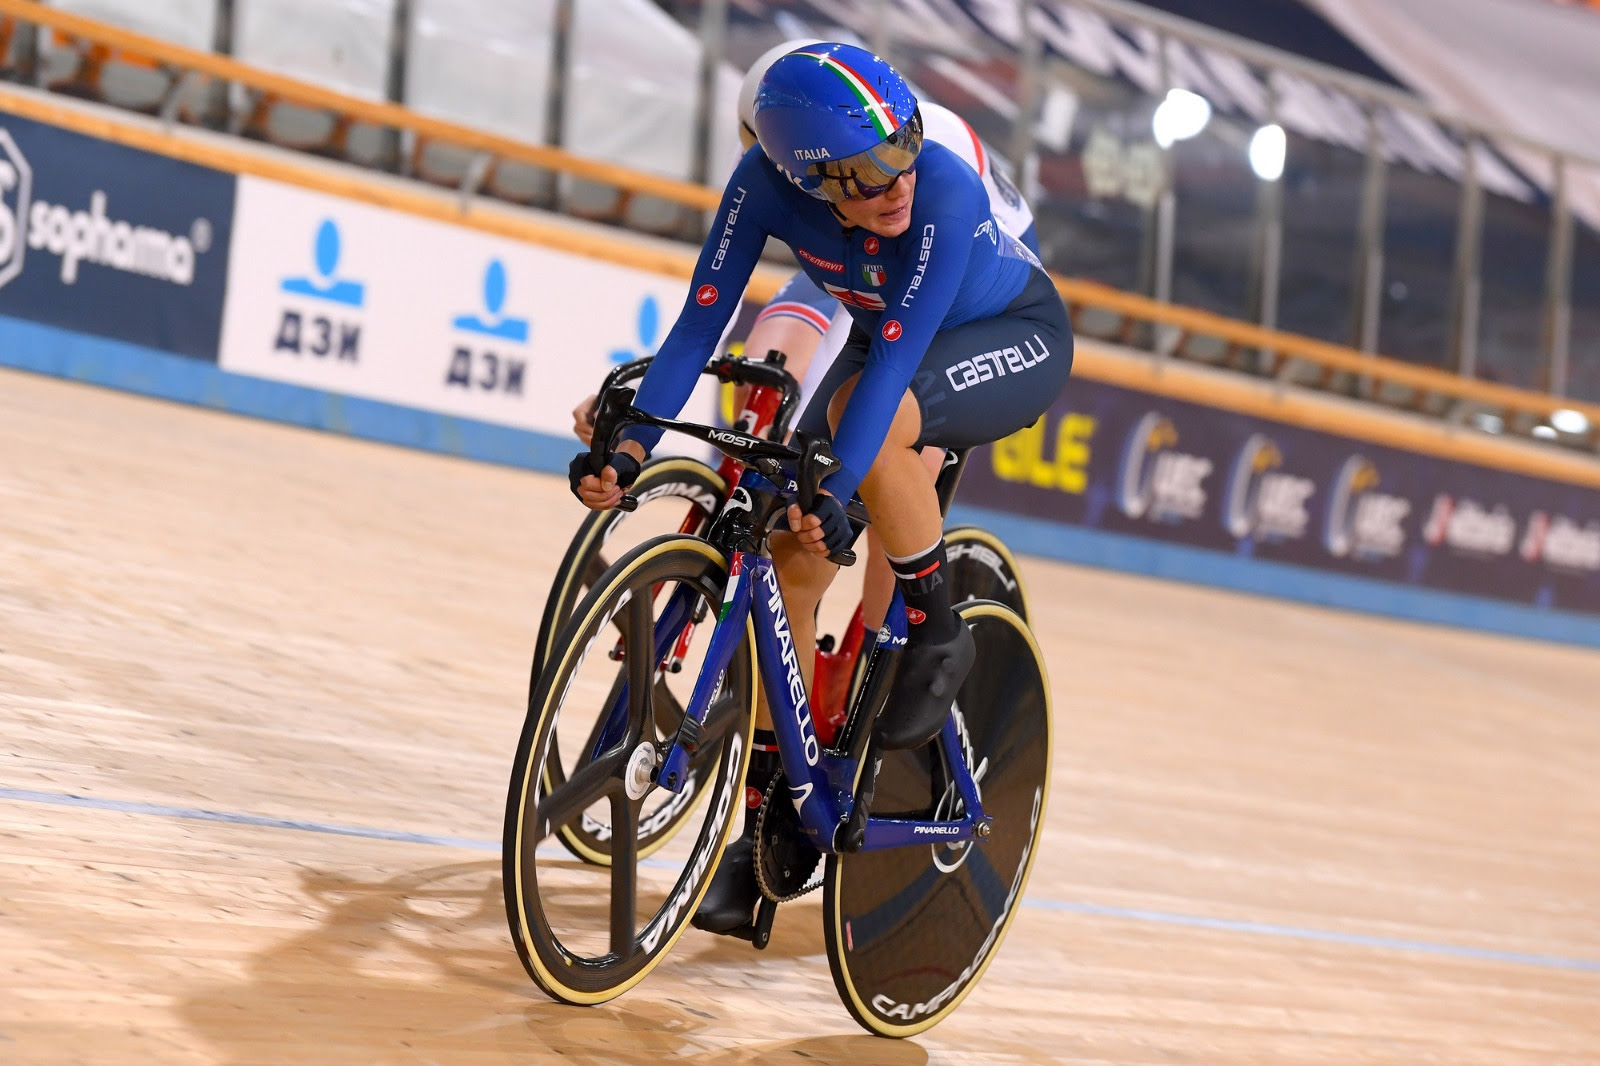 Silvia Zanardi in azione al Campionato Europeo Corsa a punti Donne Elite 2020 (foto BettiniPhoto)